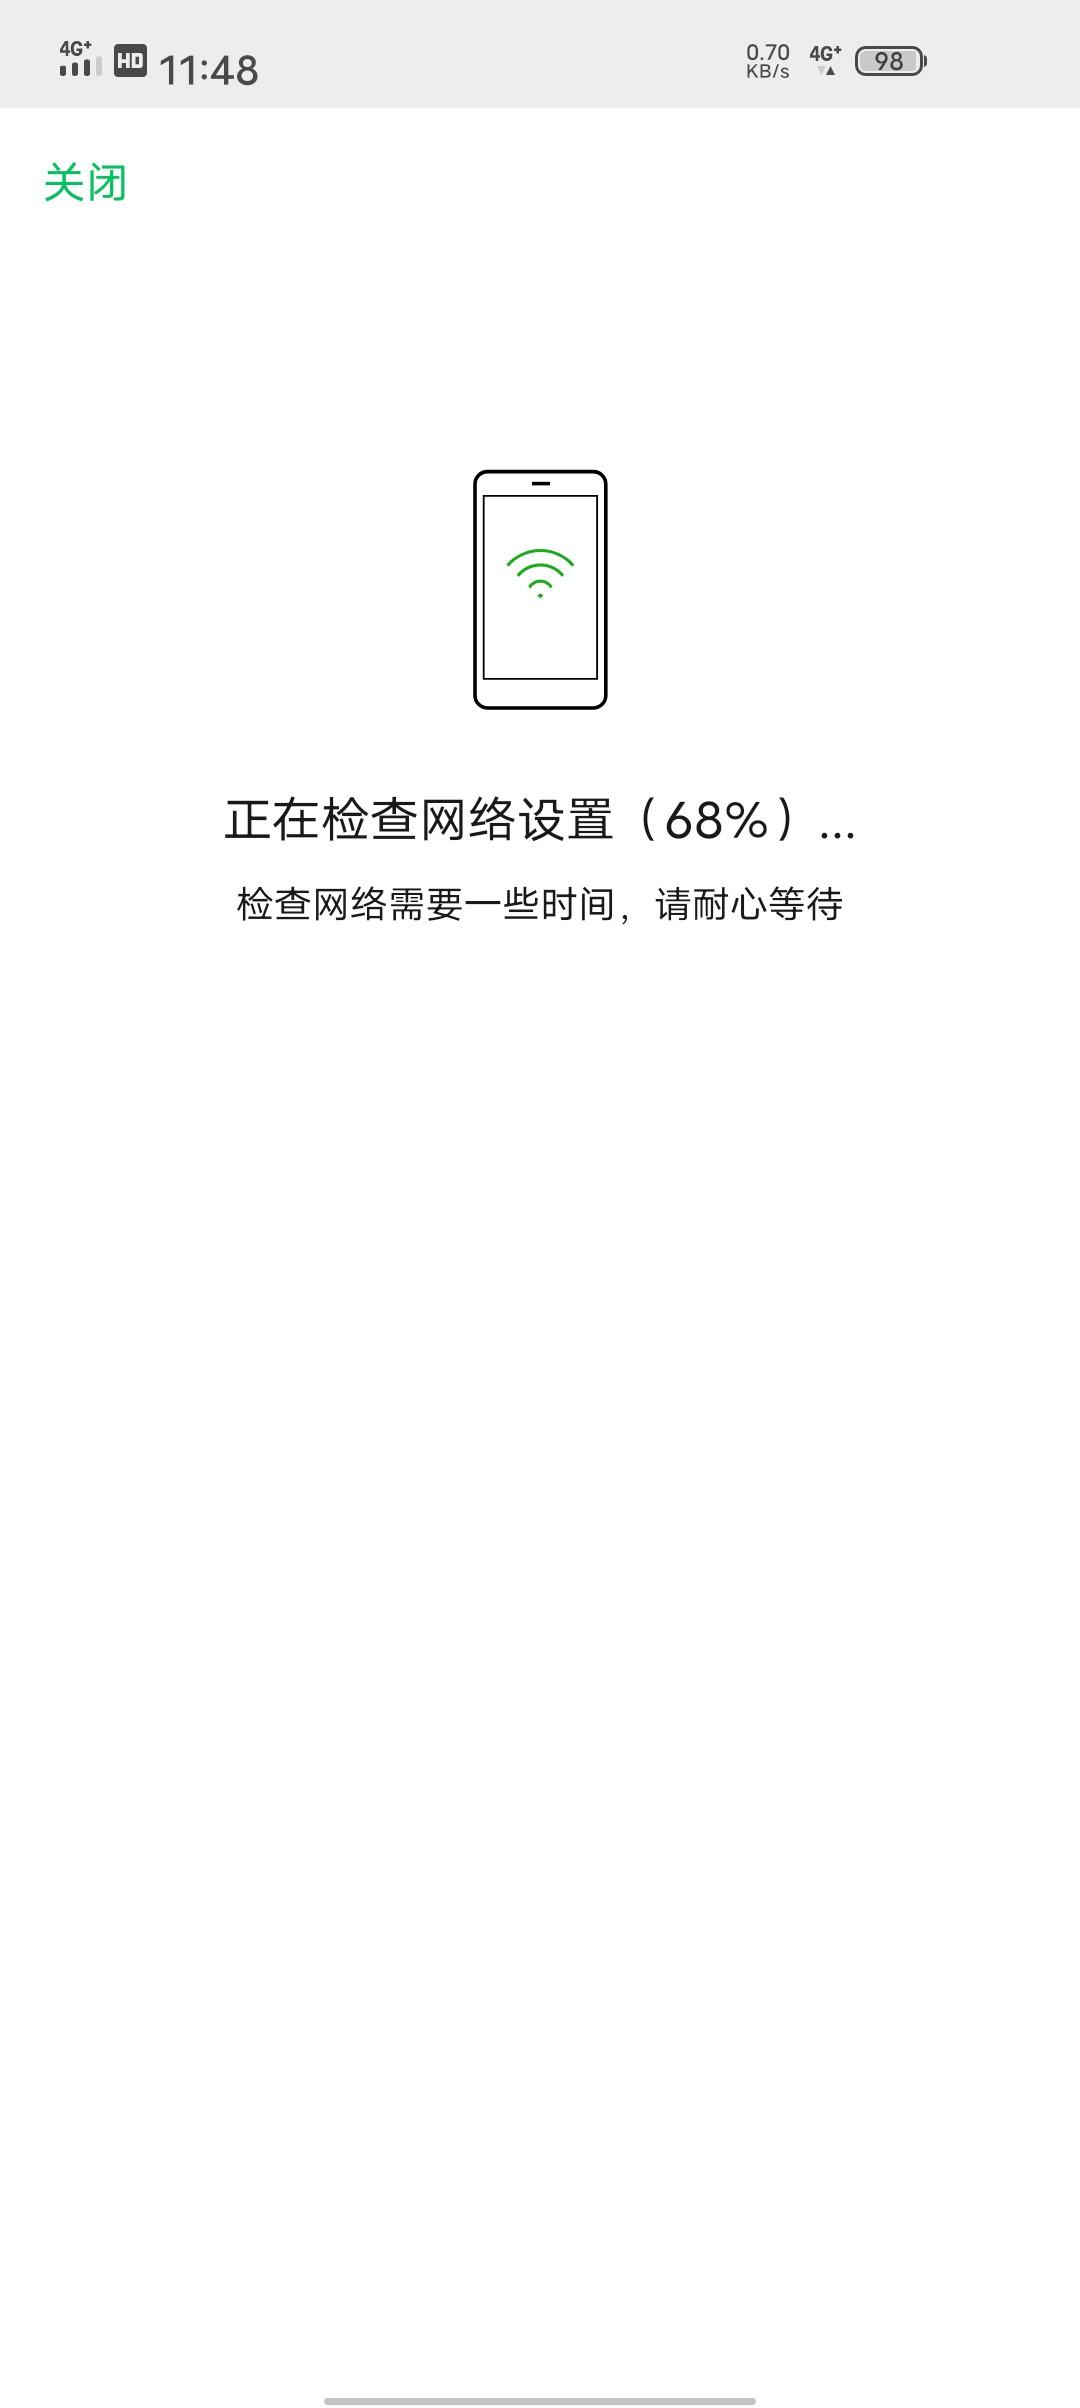 Screenshot_2020_1018_114831.jpg